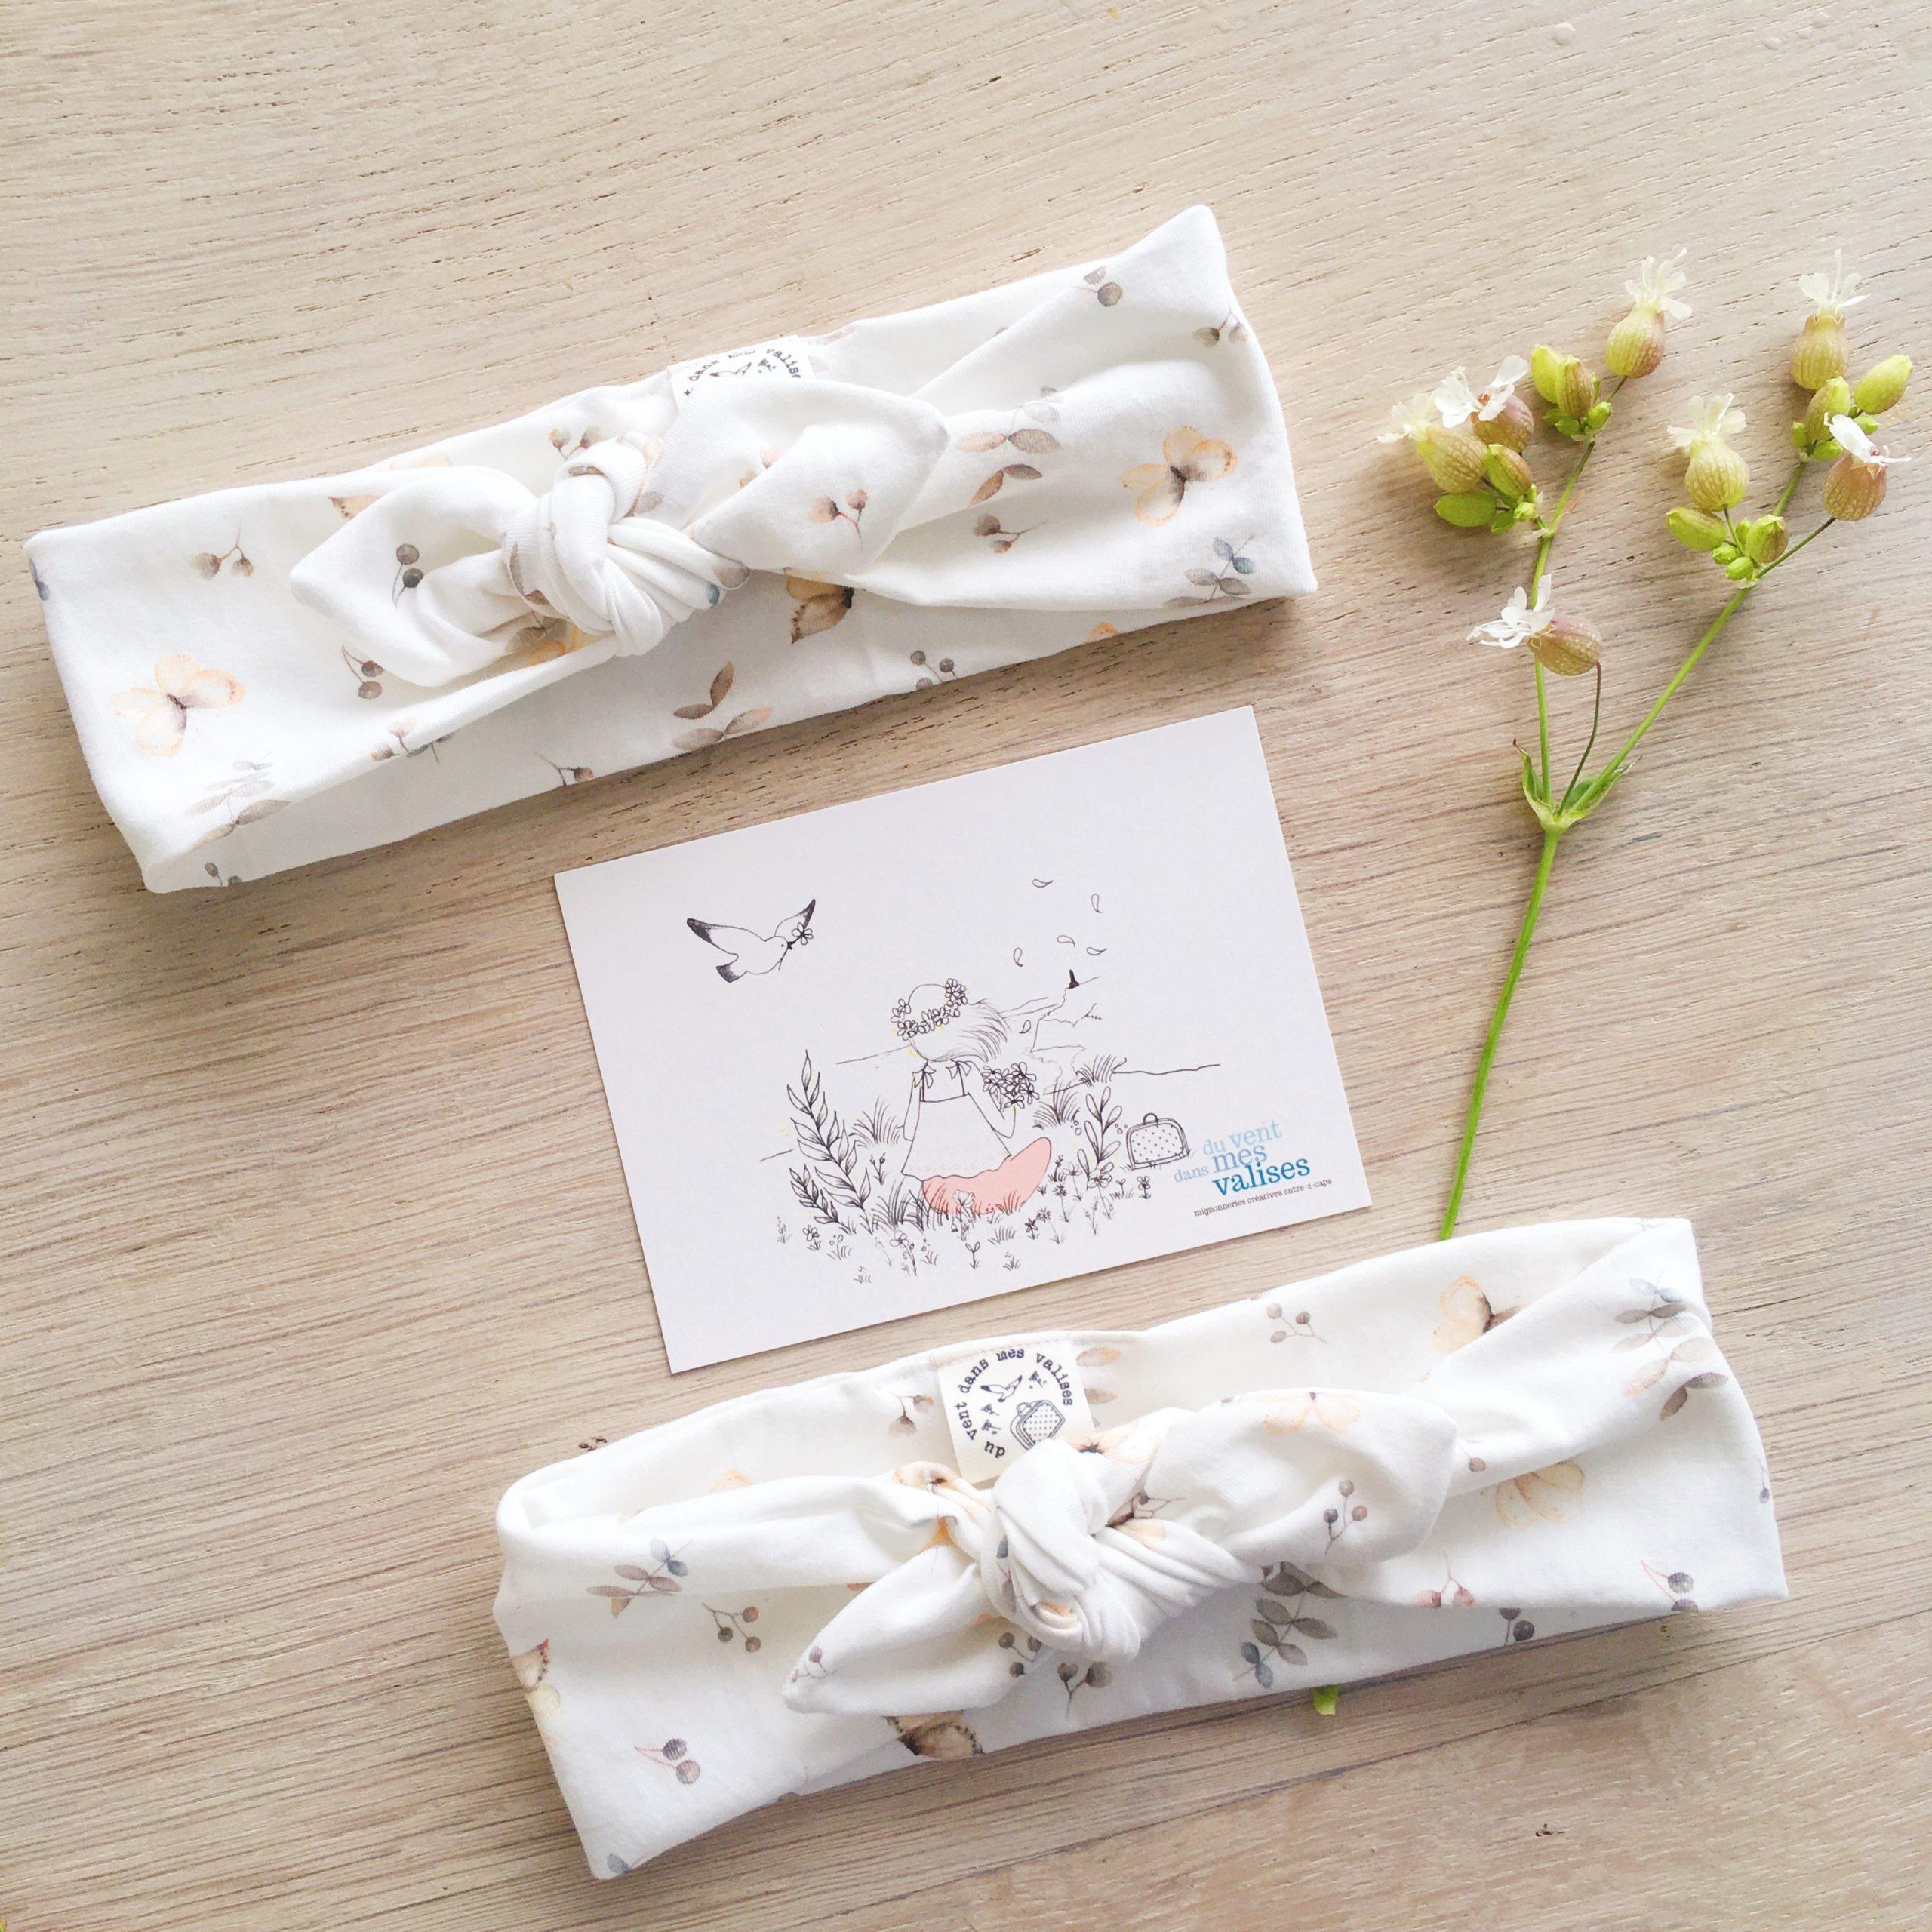 bandeaux adaptables les papillons fabrication artisanale française -n du vent dans mes valises